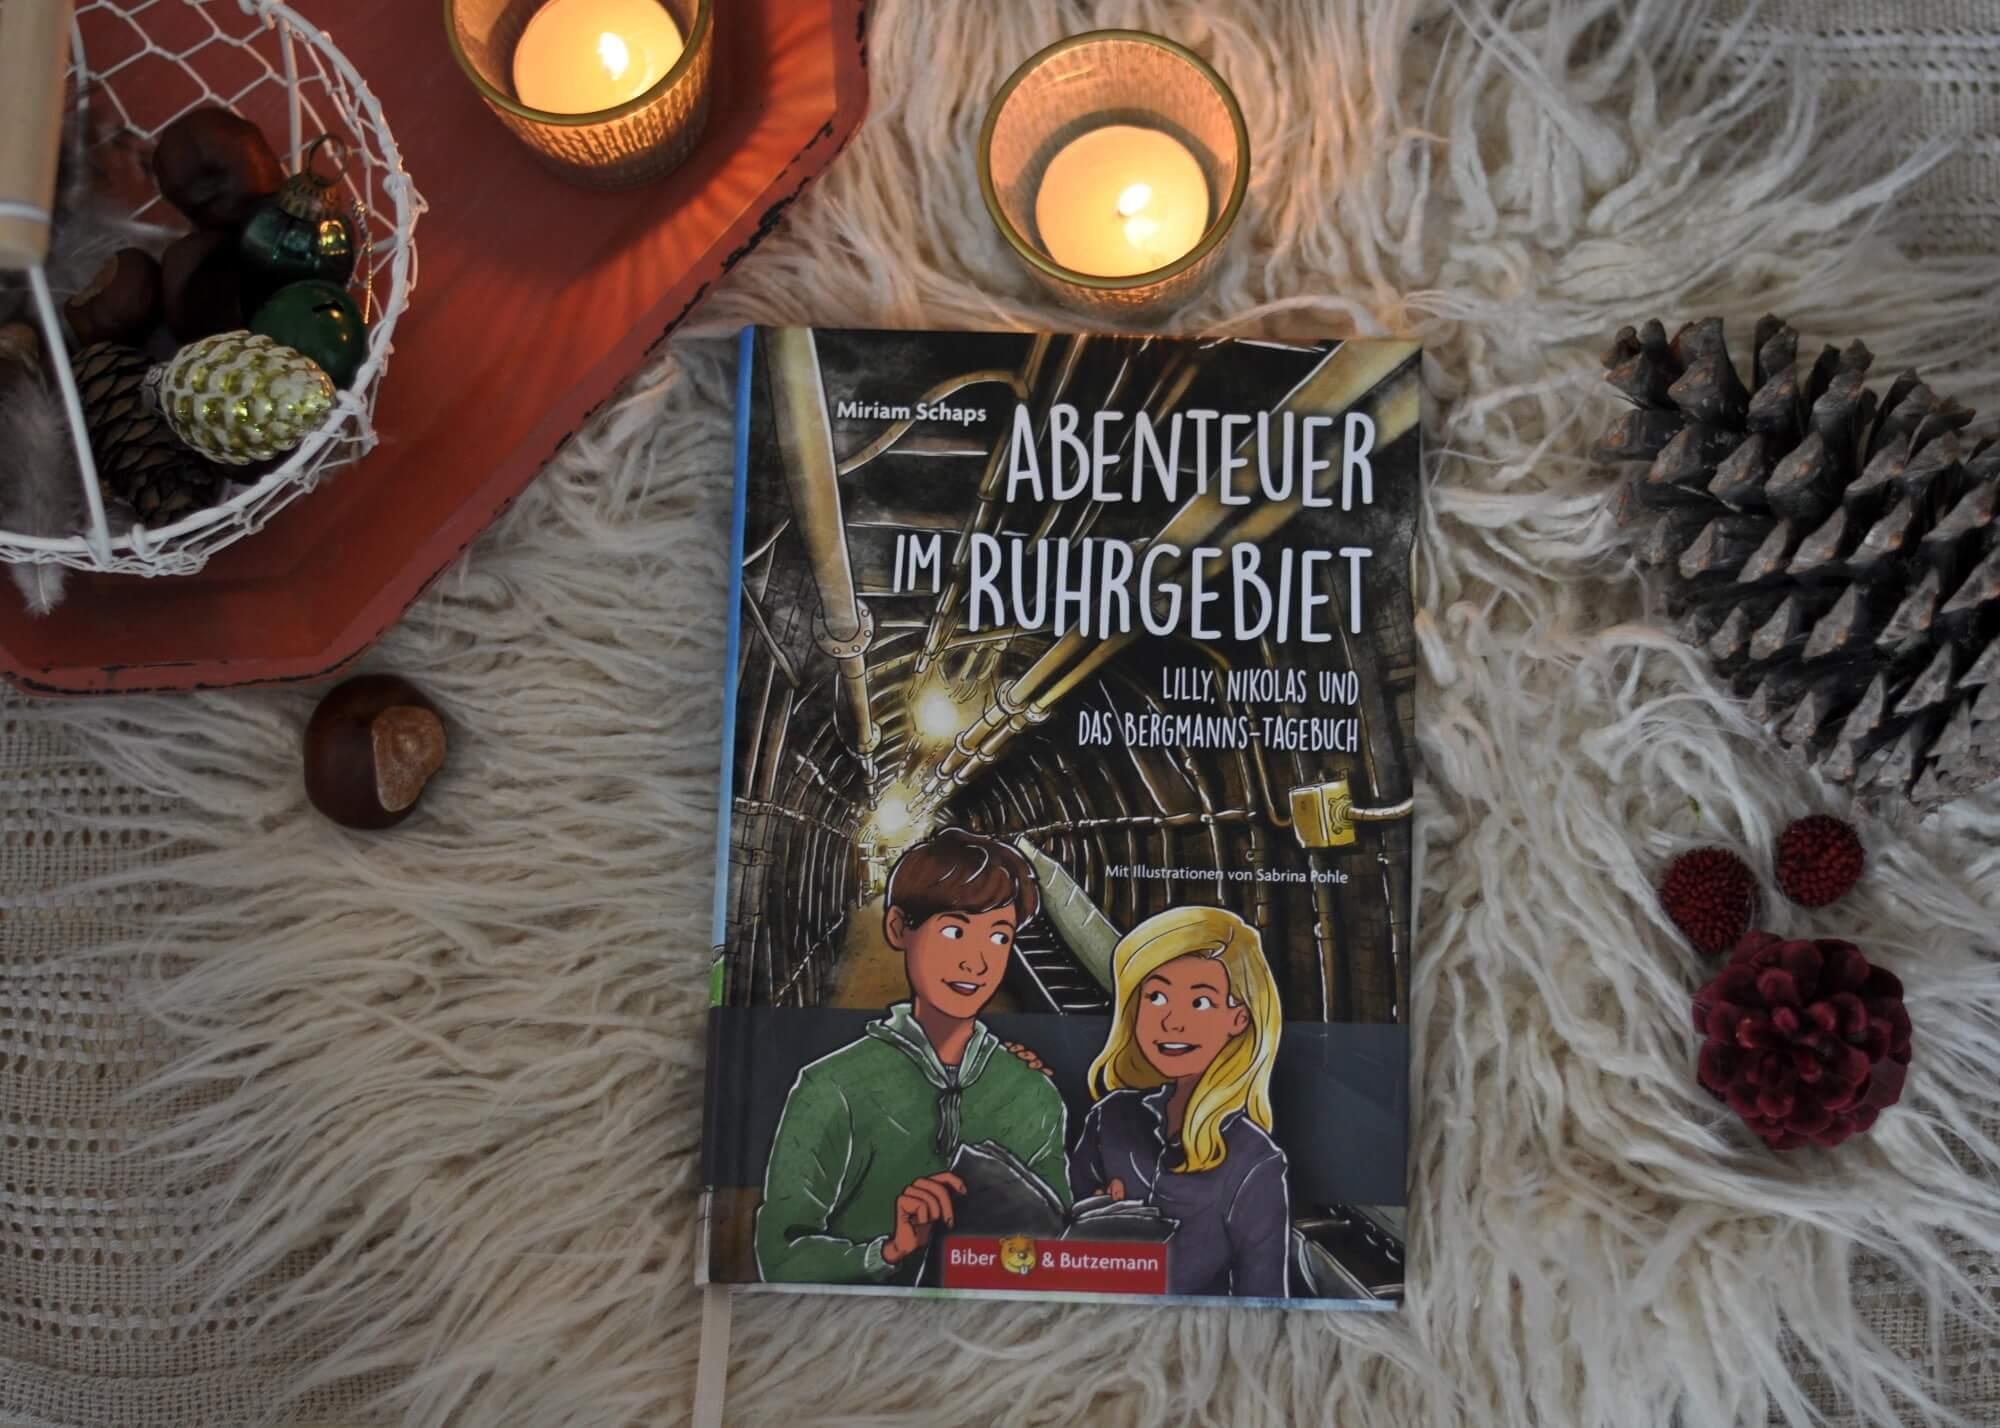 """""""Zu verschenken"""" steht an einer Kiste voller Comics am Straßenrand in Hattingen. Da greifen Lilly und Nikolas natürlich gern zu. Doch erst später im Wohnwagen zeigt sich, was für einen besonderen Fund sie wirklich gemacht haben. Die Geschwister entdecken zwischen den Comics zwei alte Notizhefte, die sich als Tagebücher aus den 1950-er und -60er Jahren entpuppen. #ruhrgebiet #reise #deutschland #sehenswürdigkeiten #ausflug #idee #tipp #kinder #sehenswürdigkeit #bergmann #bergbau #sachbuch"""